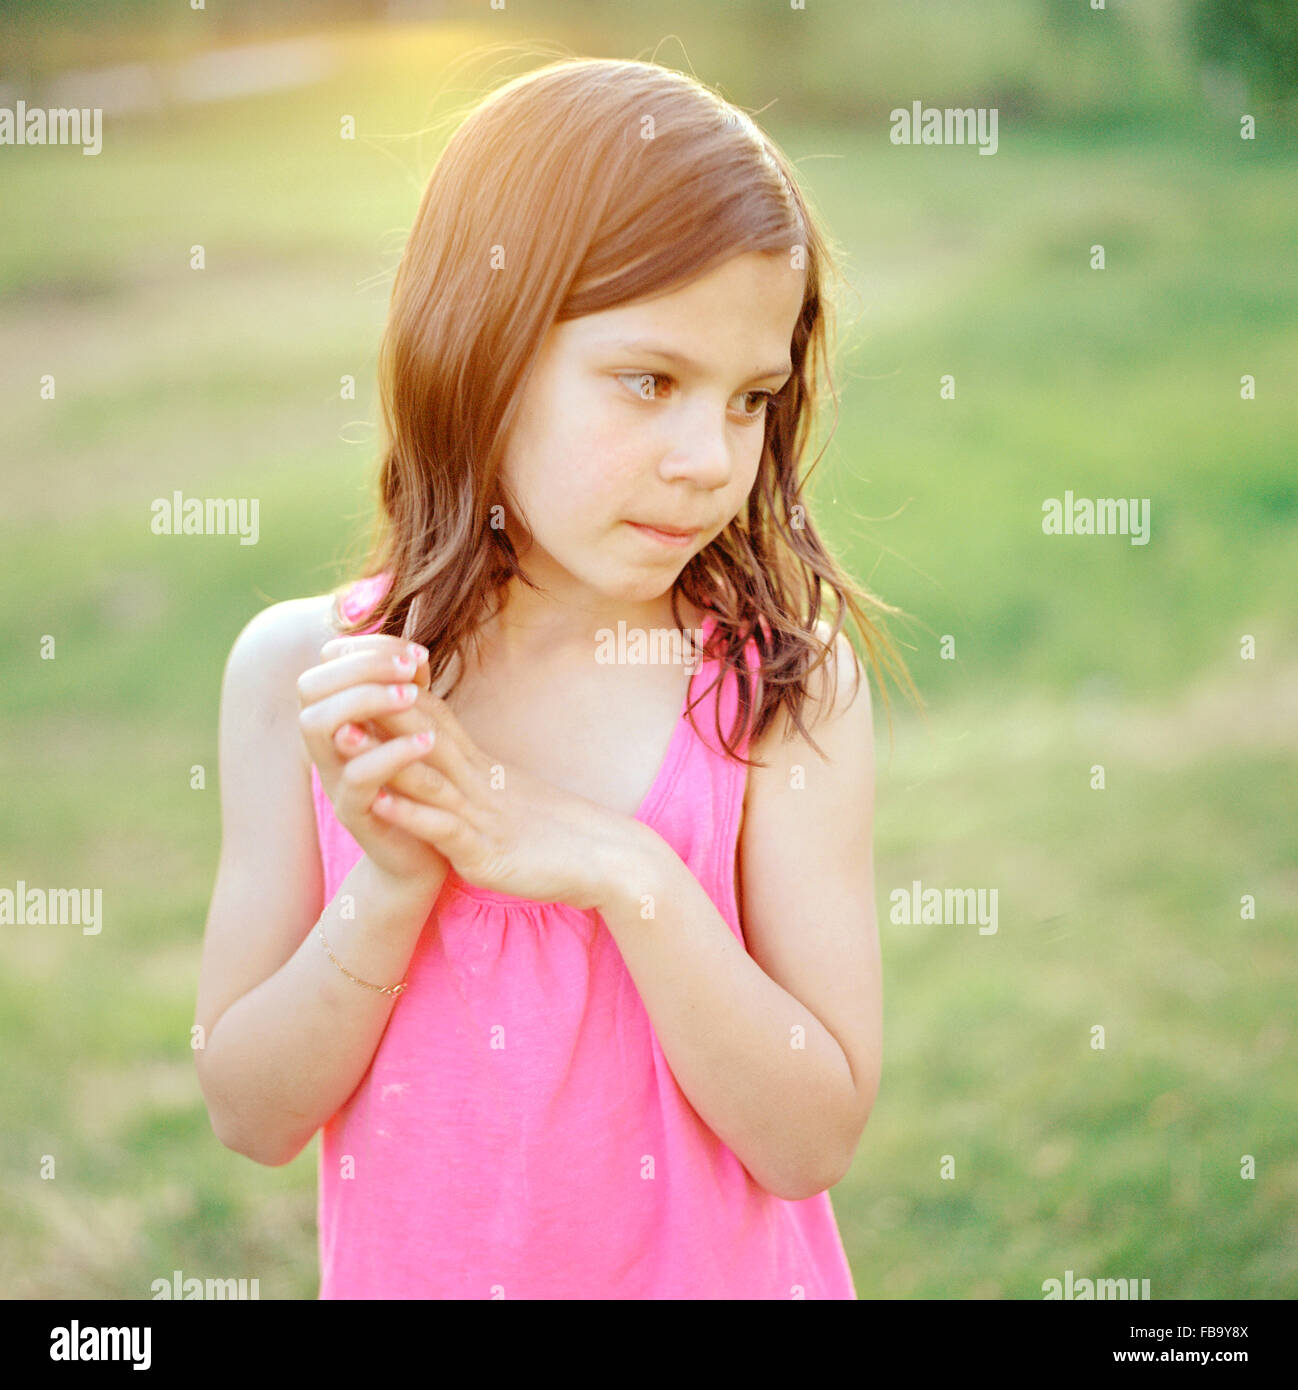 La Svezia, Vastmanland, ragazza (6-7) indossare top rosa Immagini Stock